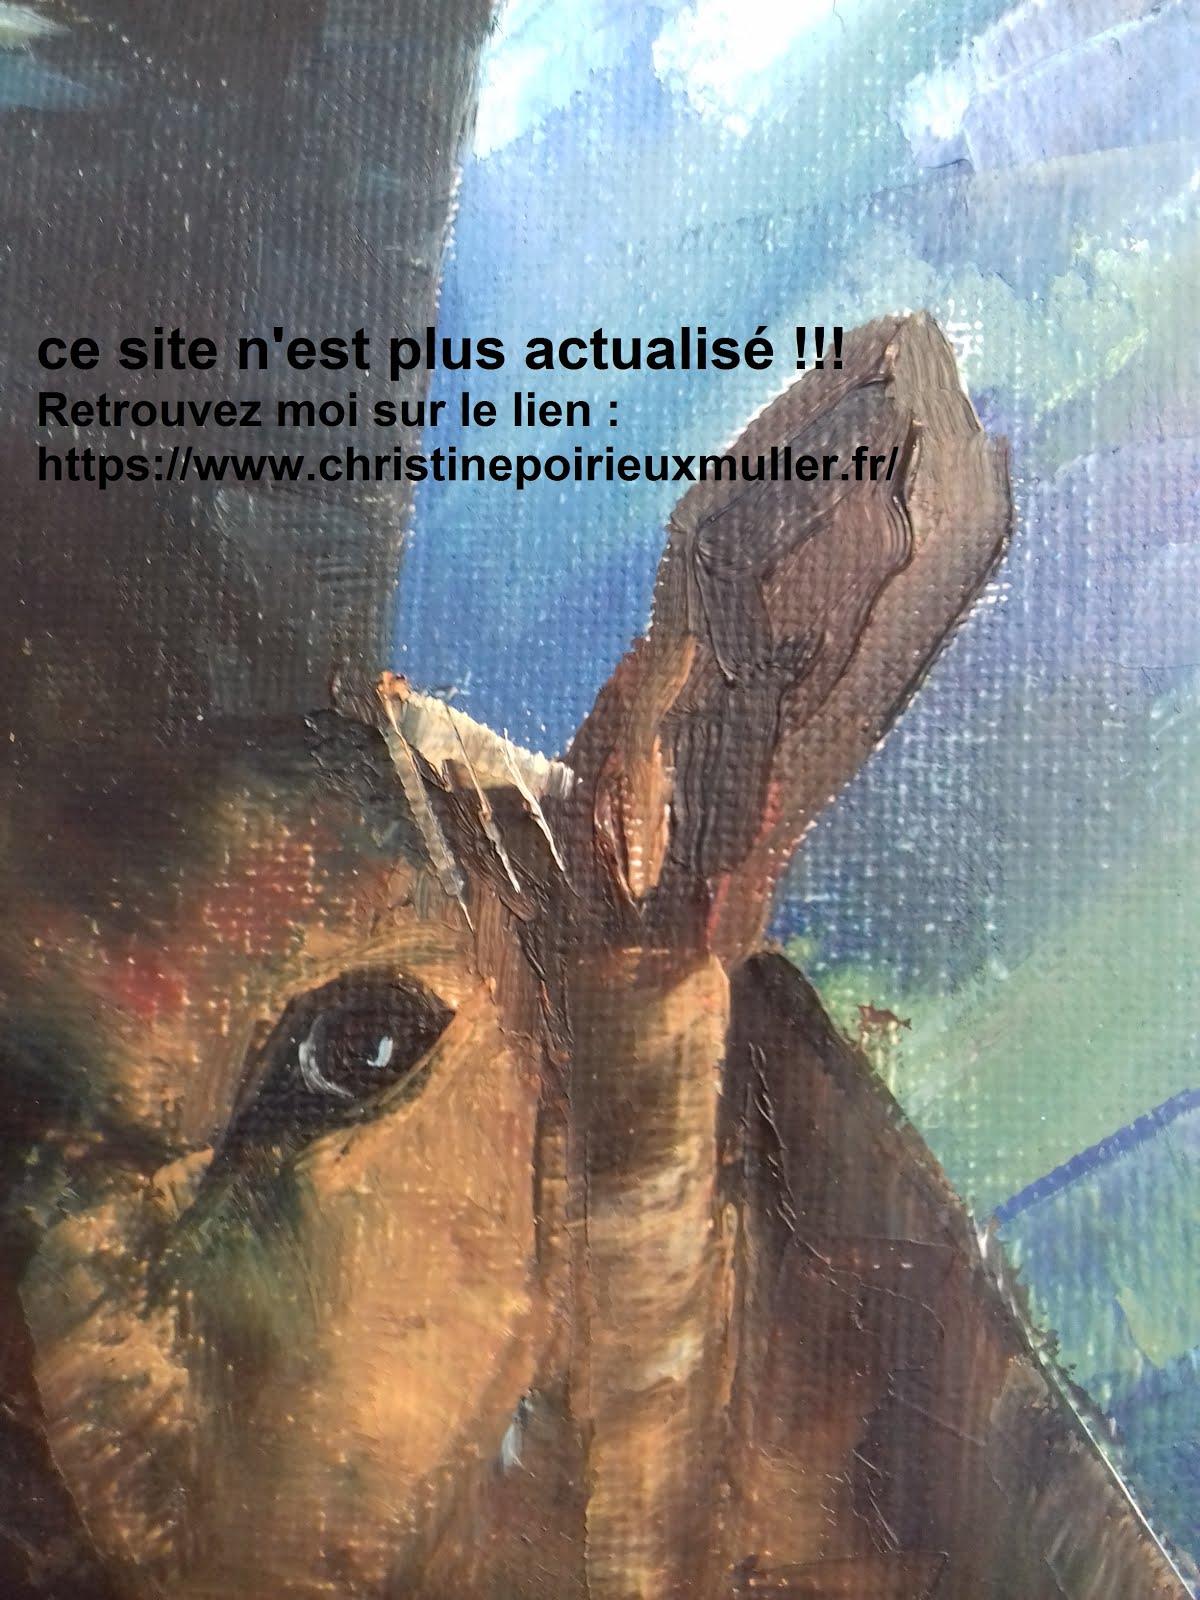 https://www.christinepoirieuxmuller.fr/